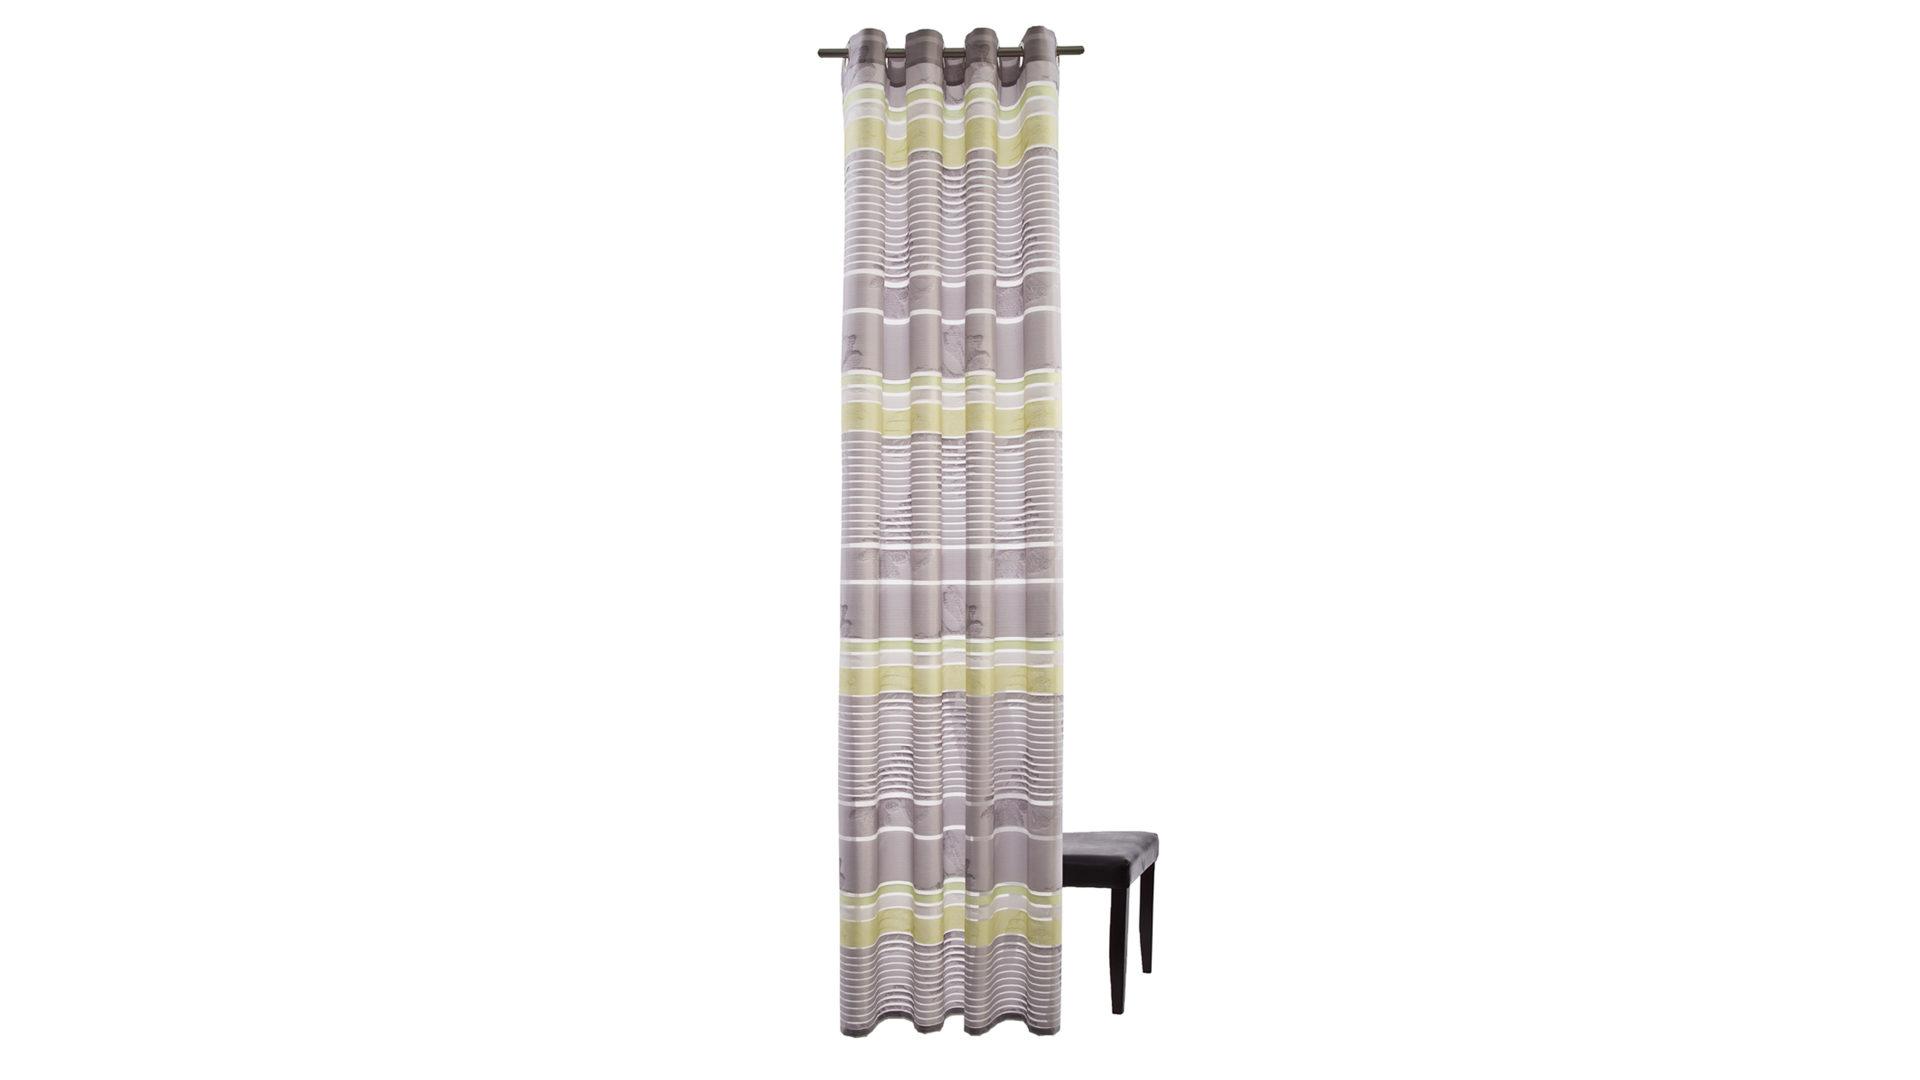 Möbel Gunst gunst schwäbisch möbel a z textilien gardinen vorhänge homing